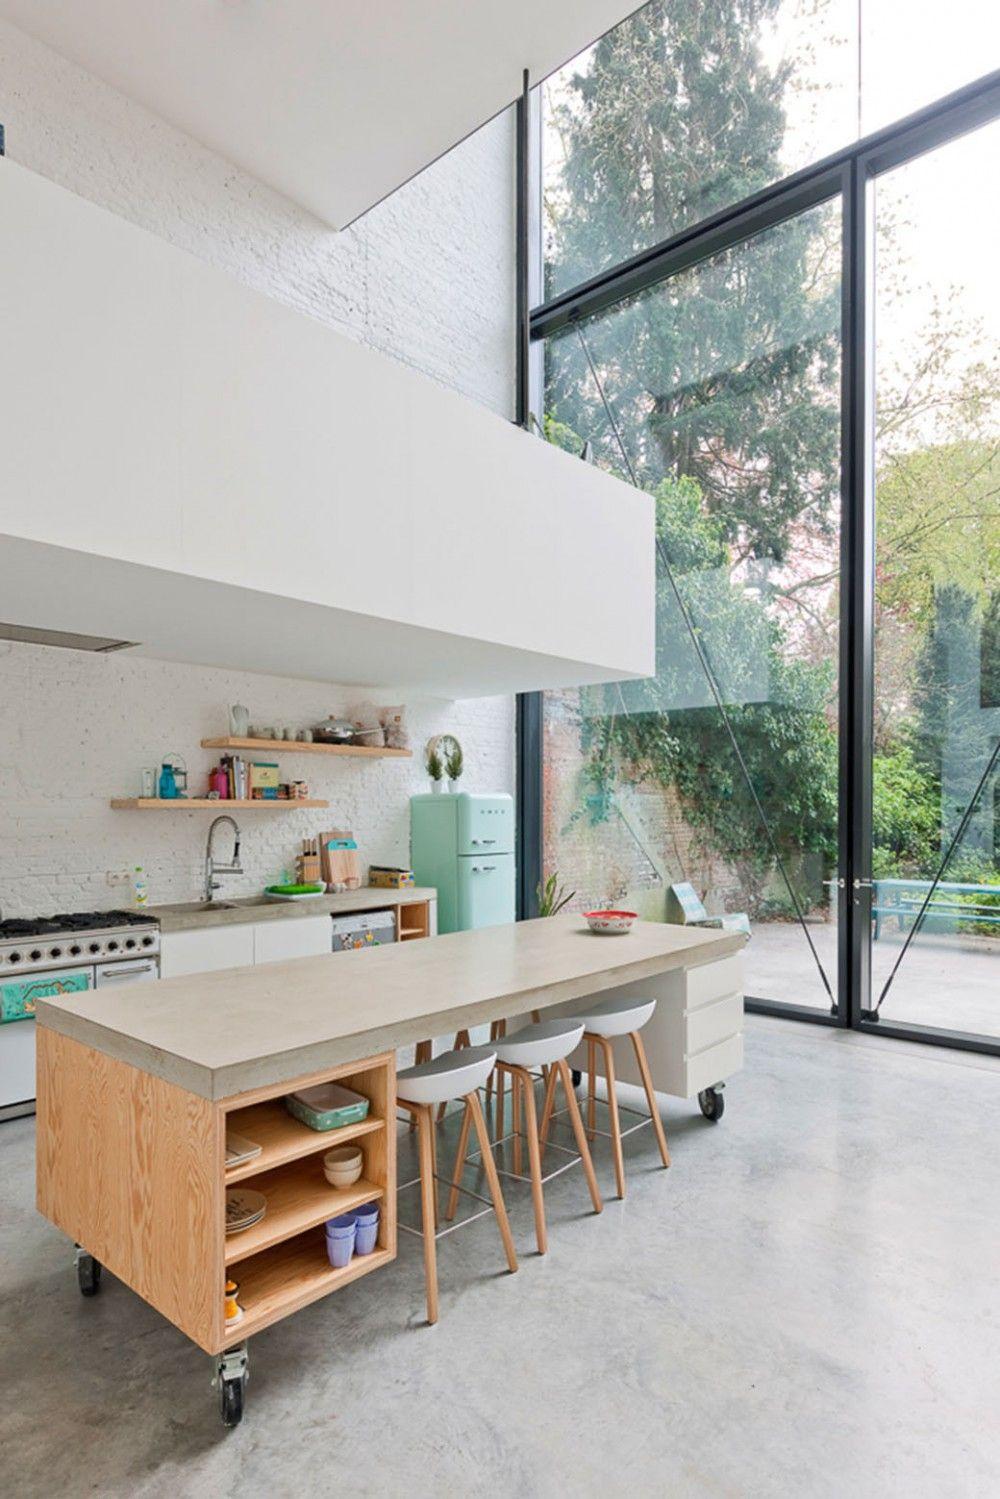 Puede Ser Una Buena Idea La Isla Con Ruedas Y La Cocina Es Fea  # Muebles De Cocina Feos